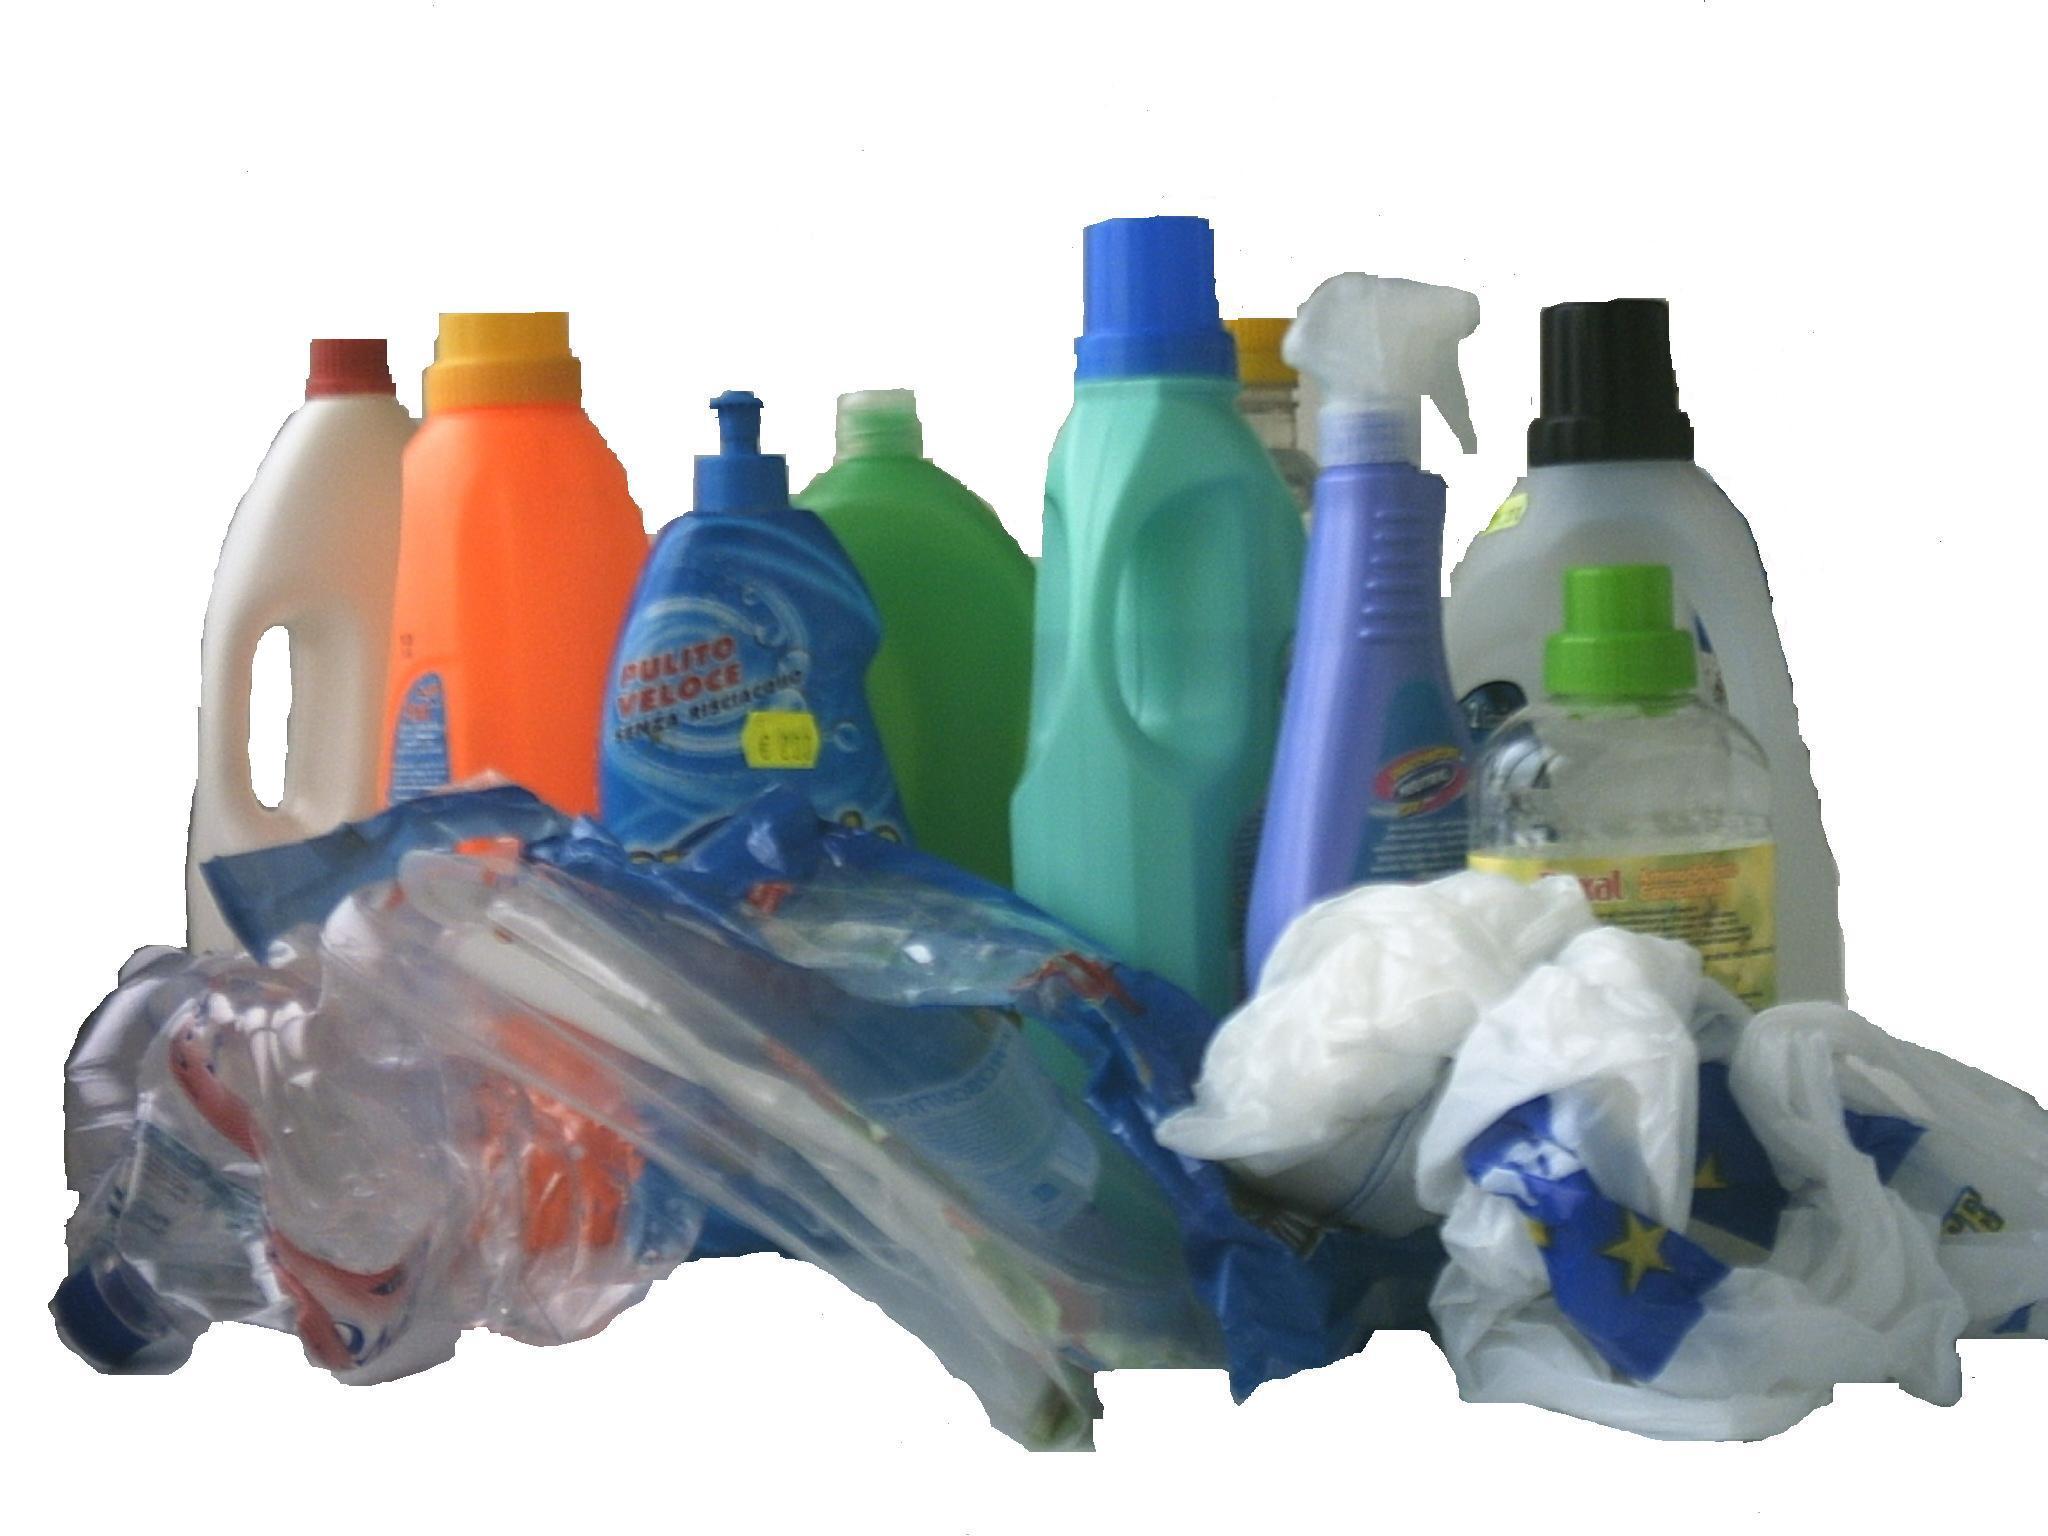 Riciclo plastica antitrust avvia istruttoria contro conai for Scaldabagno di plastica